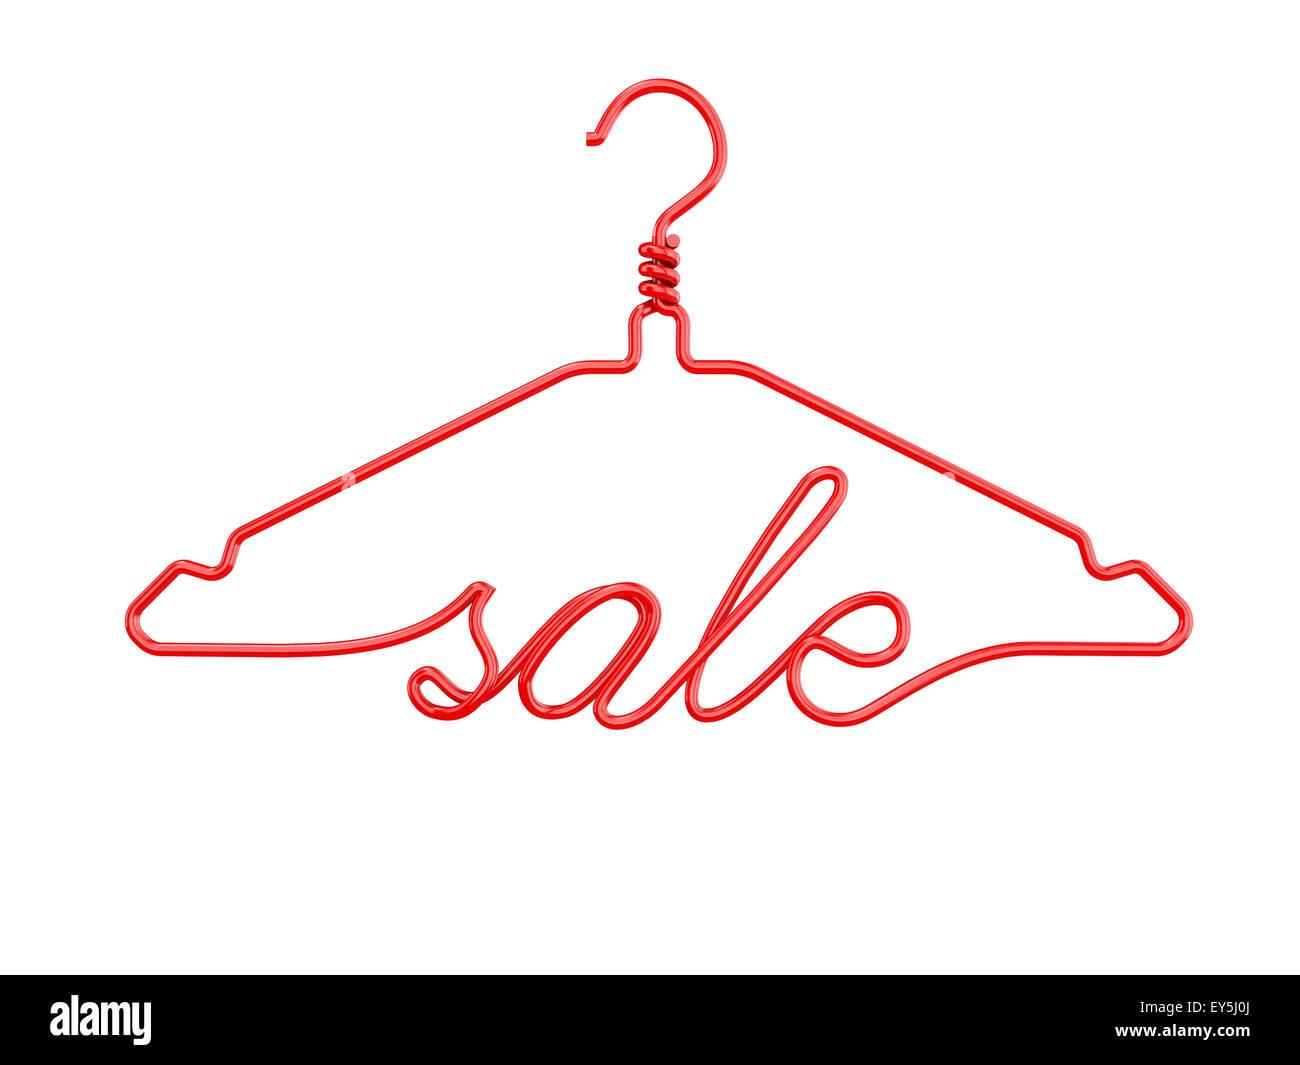 Roter Draht Kleiderbügel mit Botschaft - Verkauf. 3D render ...